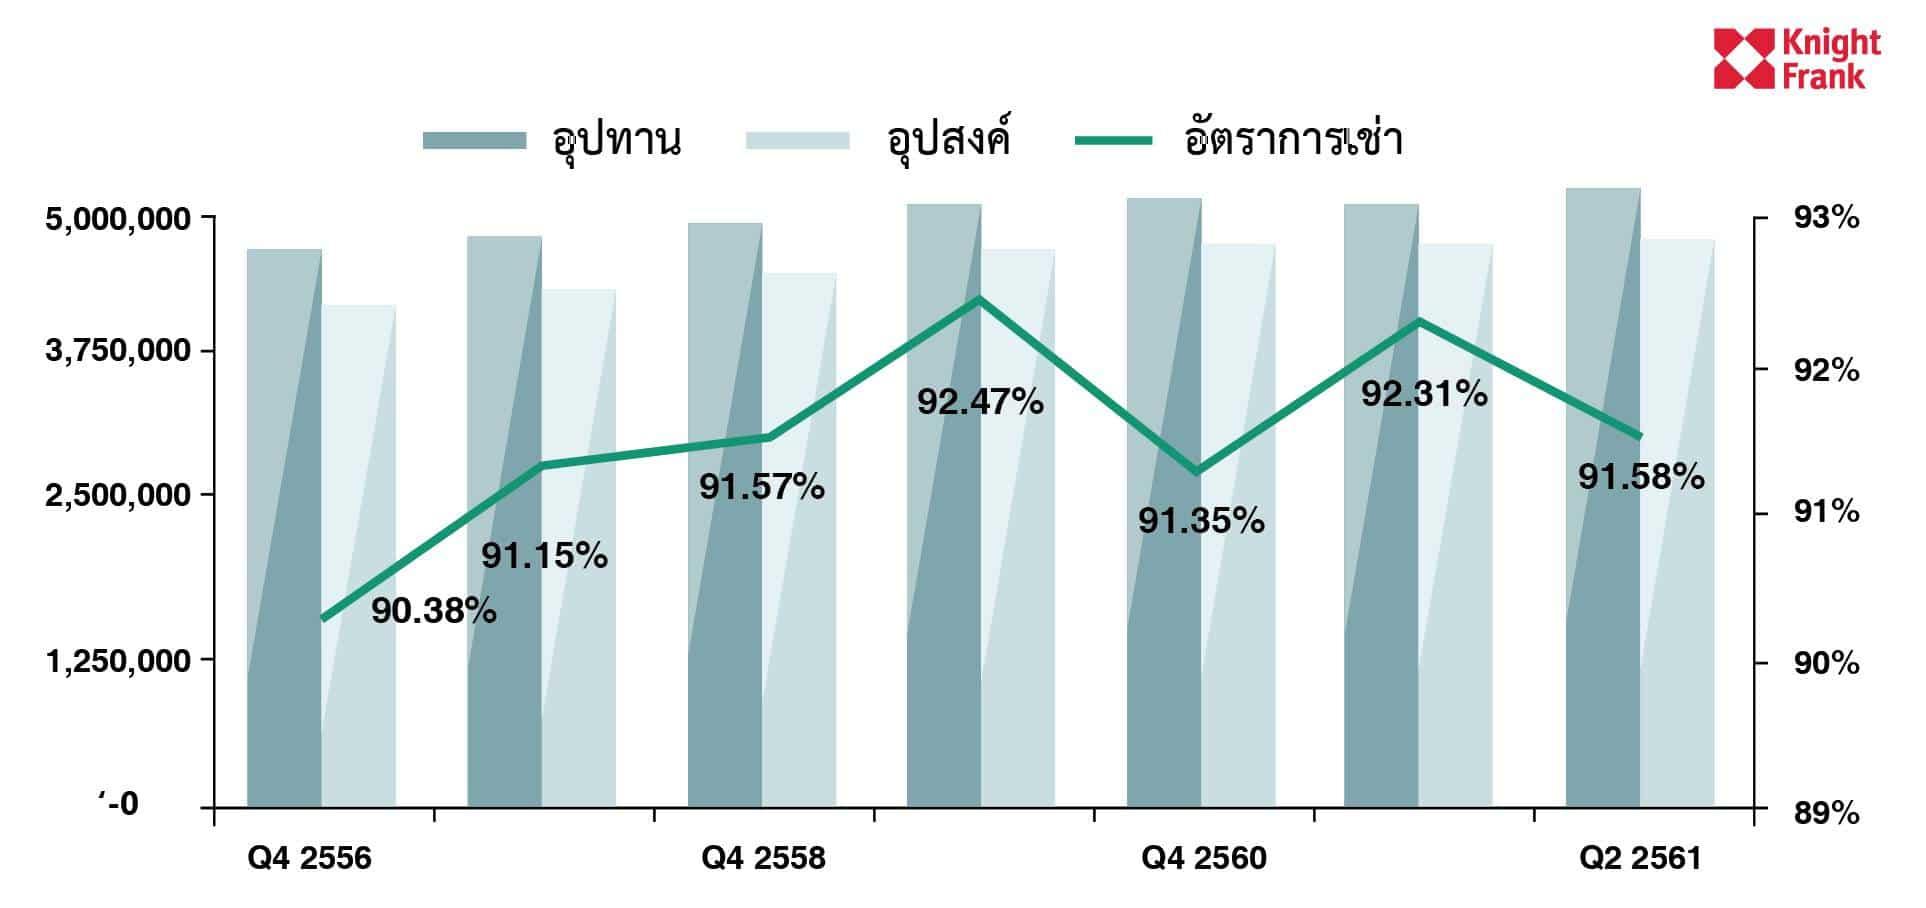 ไนท์แฟรงค์ฯเผยตลาดอาคาร สนงในกรุงเทพฯ Q2 ปี 2561 | Prop2Morrow บ้าน คอนโด ข่าวอสังหาฯ